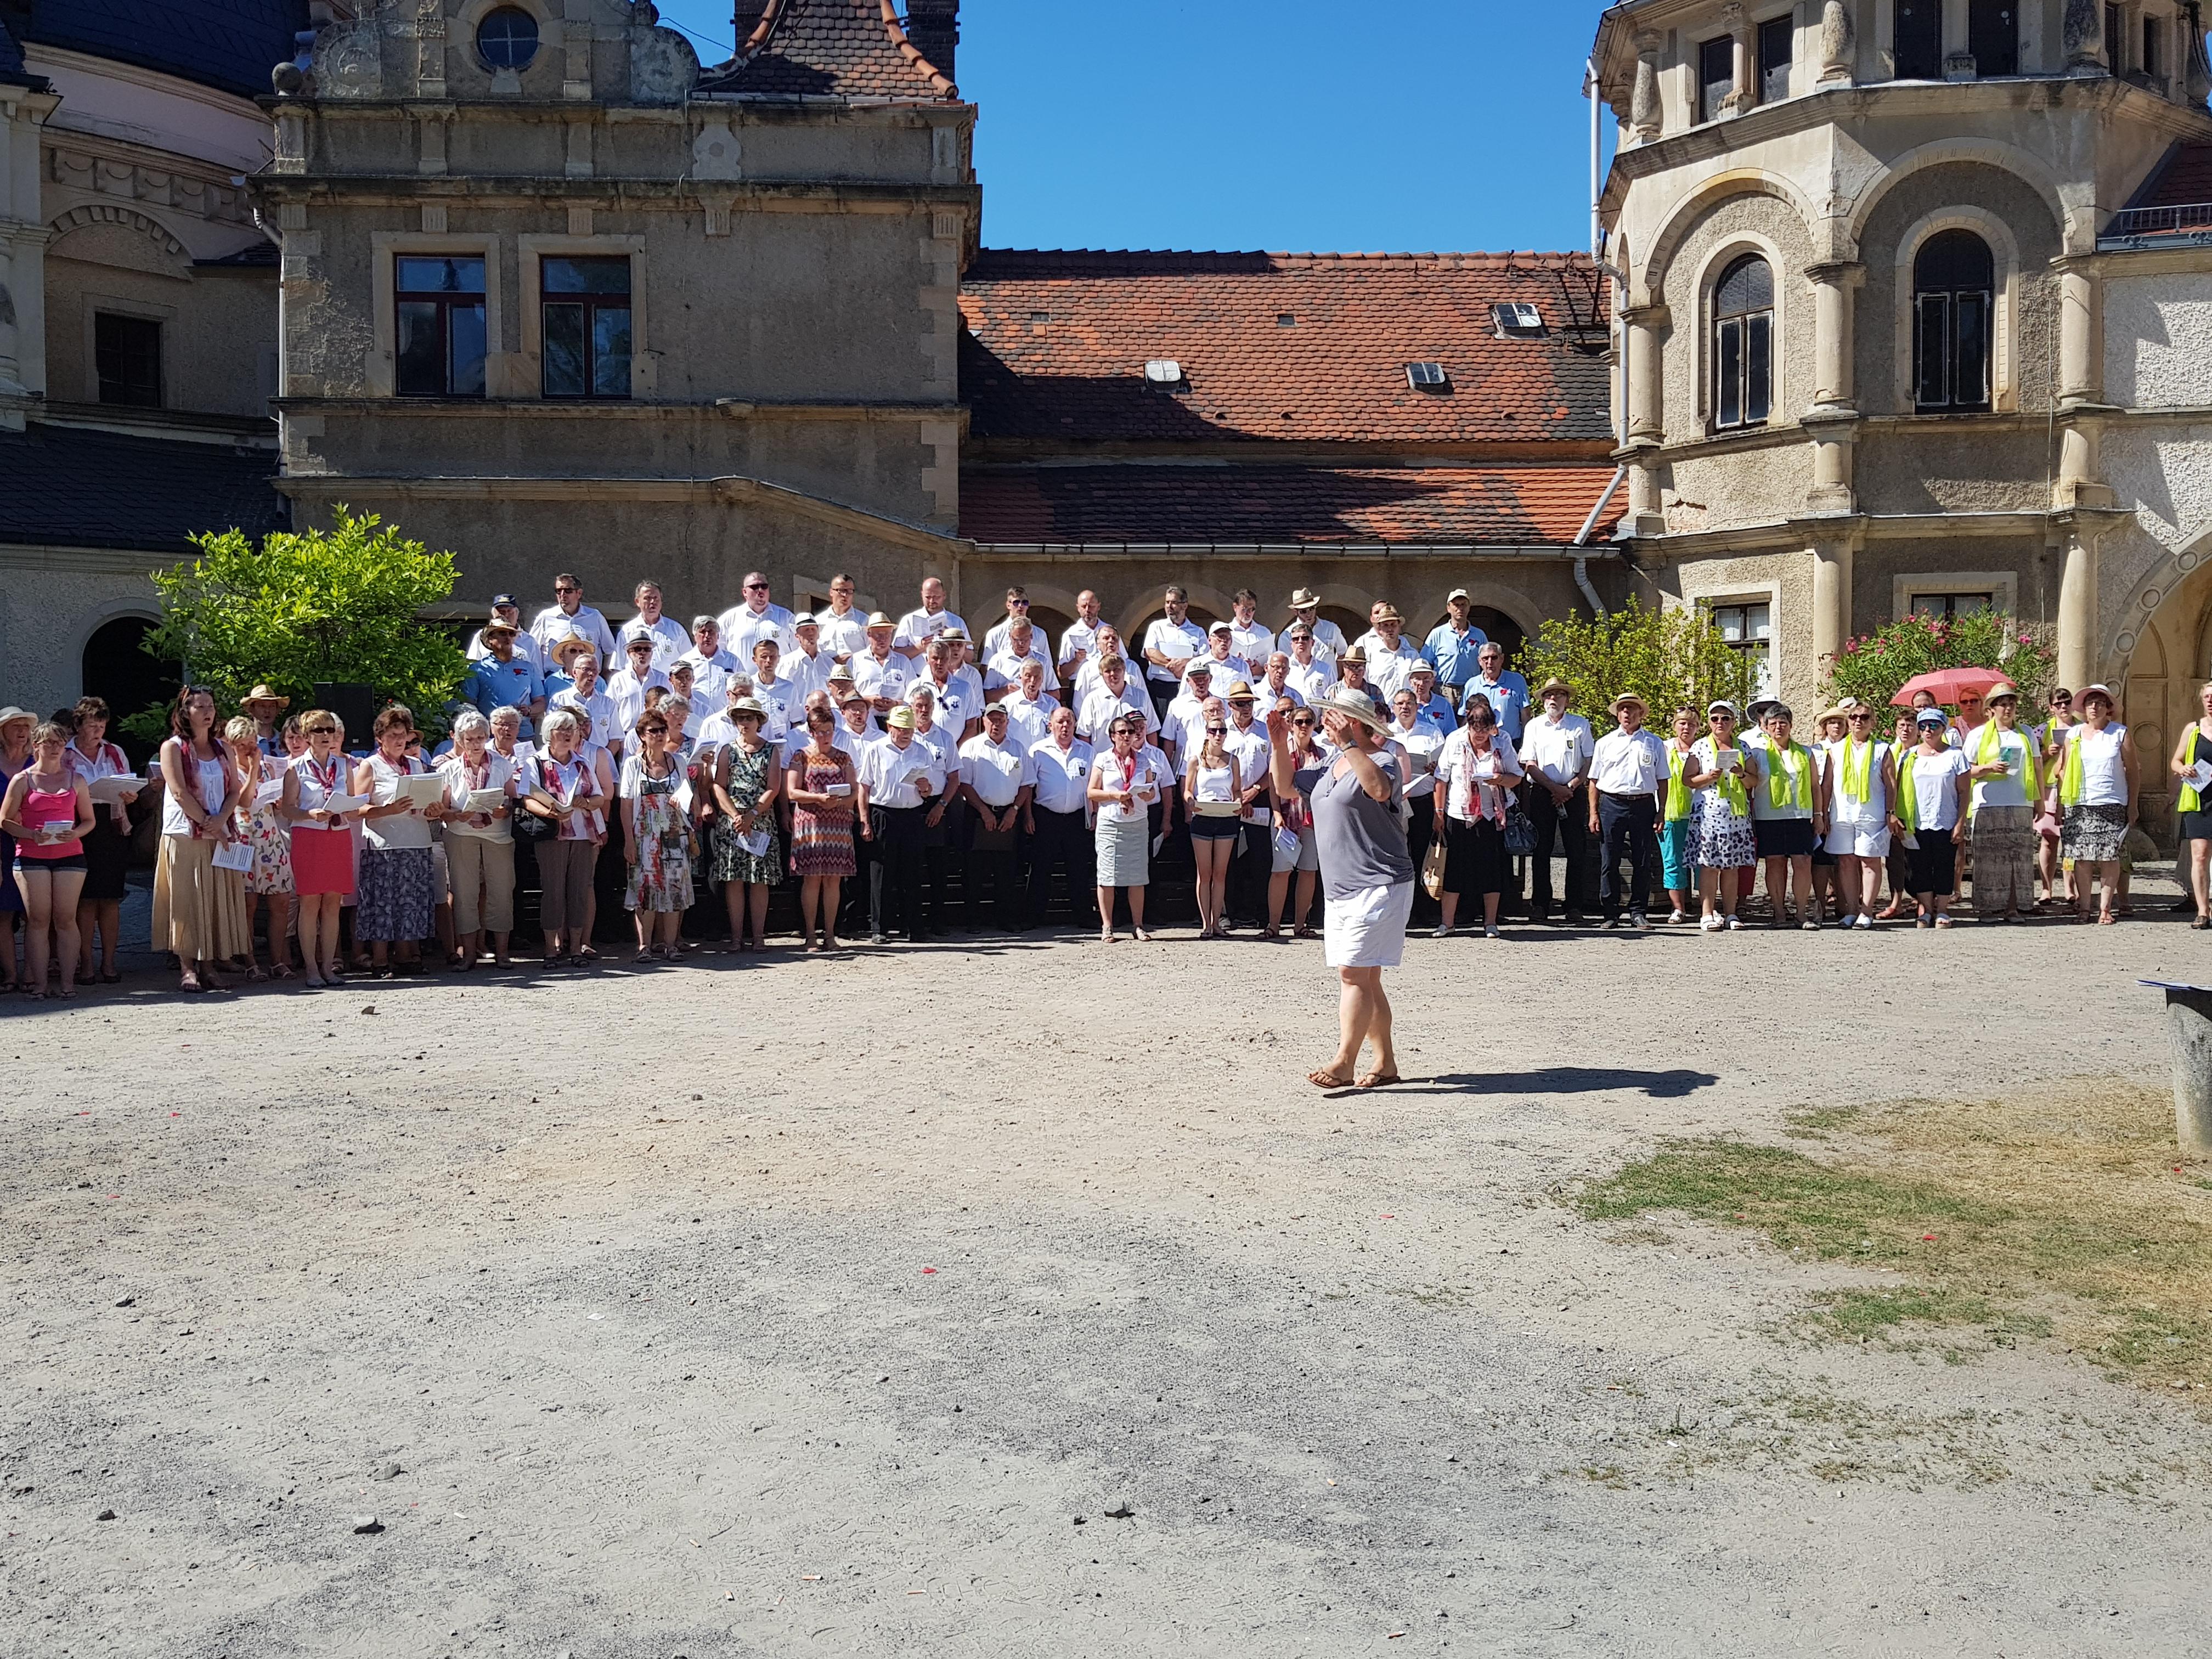 Großes Volksliedersingen für alle Generationen auf dem Schlosshof